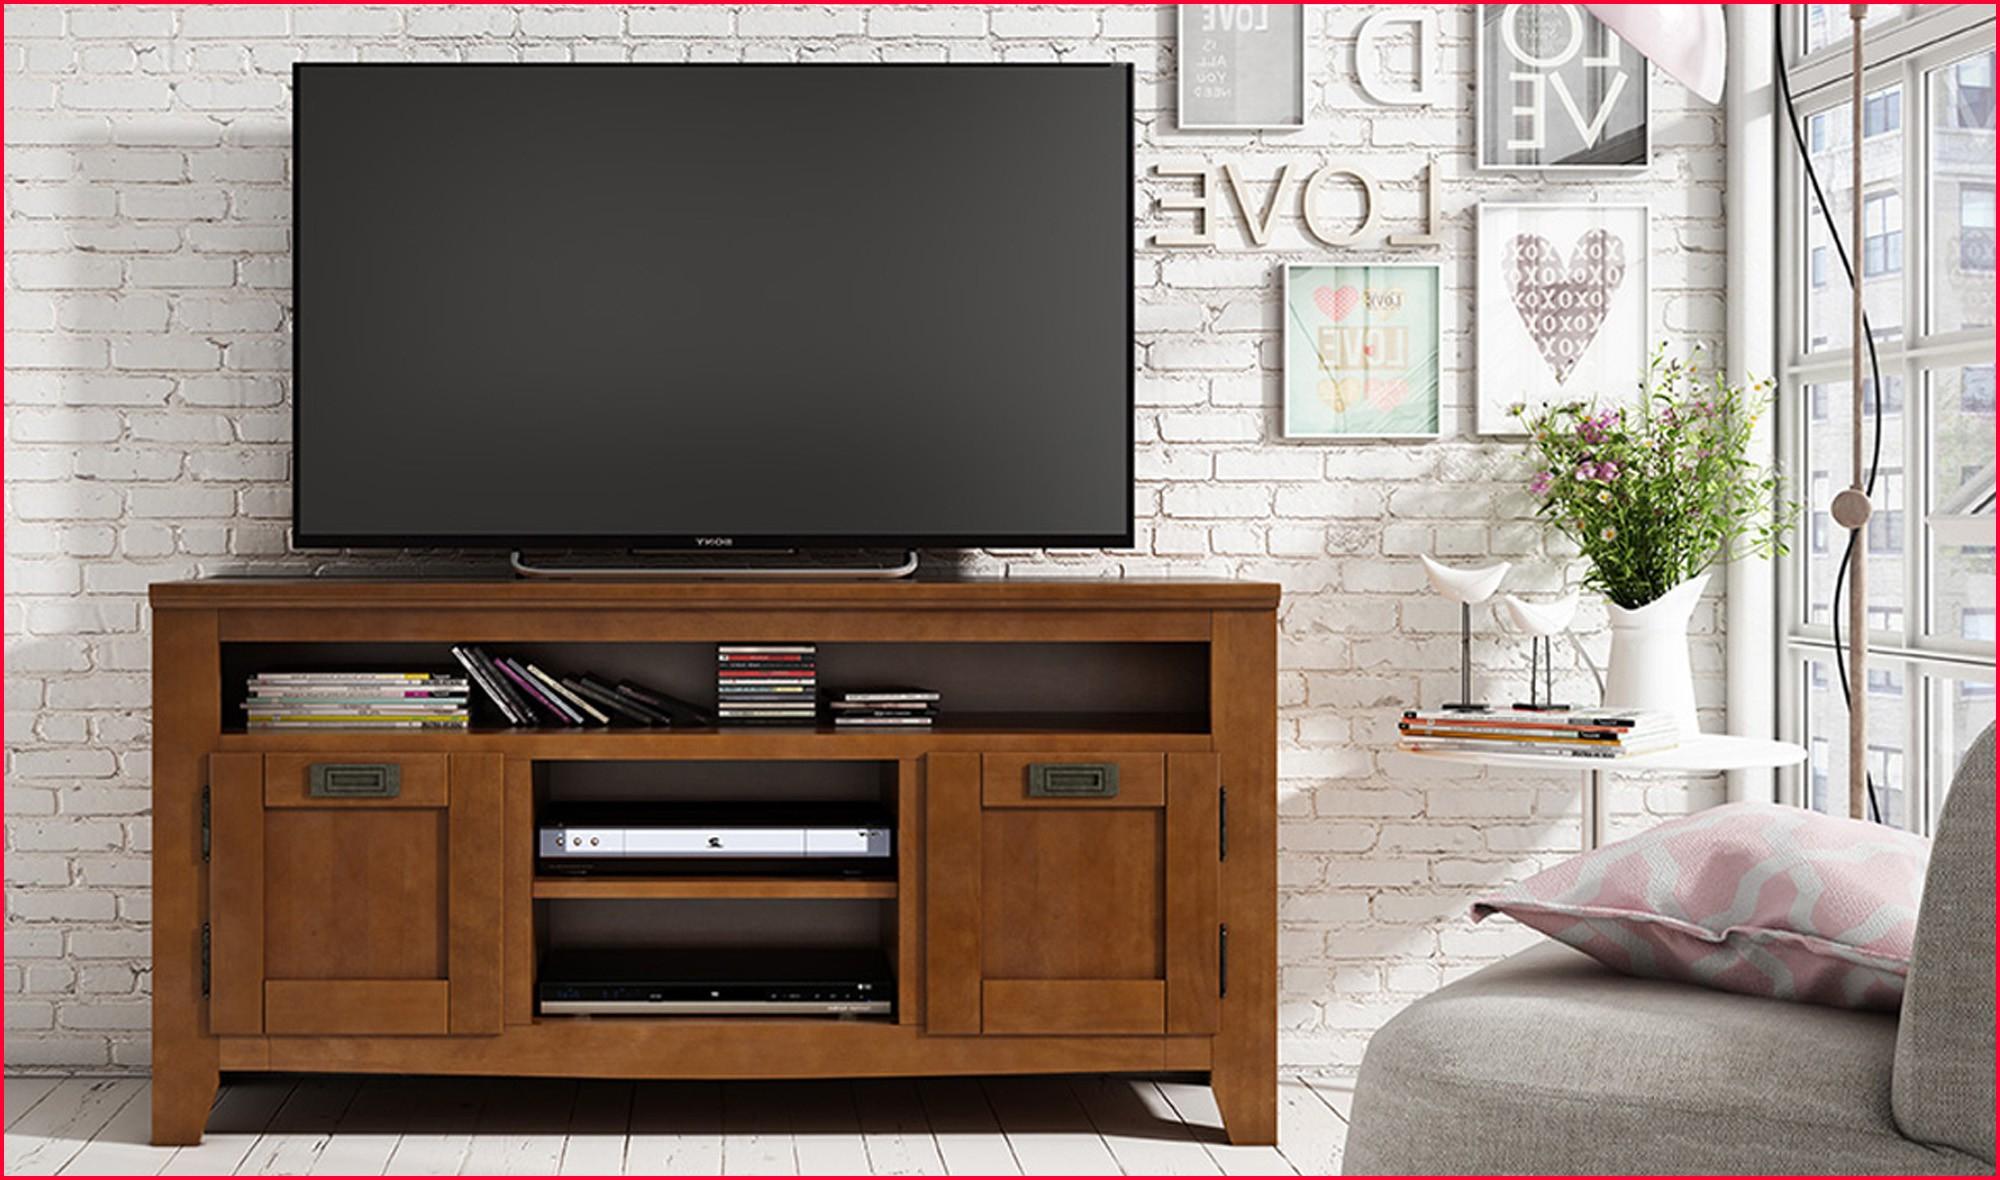 Mueble Tv Pequeño Q0d4 Elegante Mueble Colonial Coleccià N De Muebles Ideas Muebles